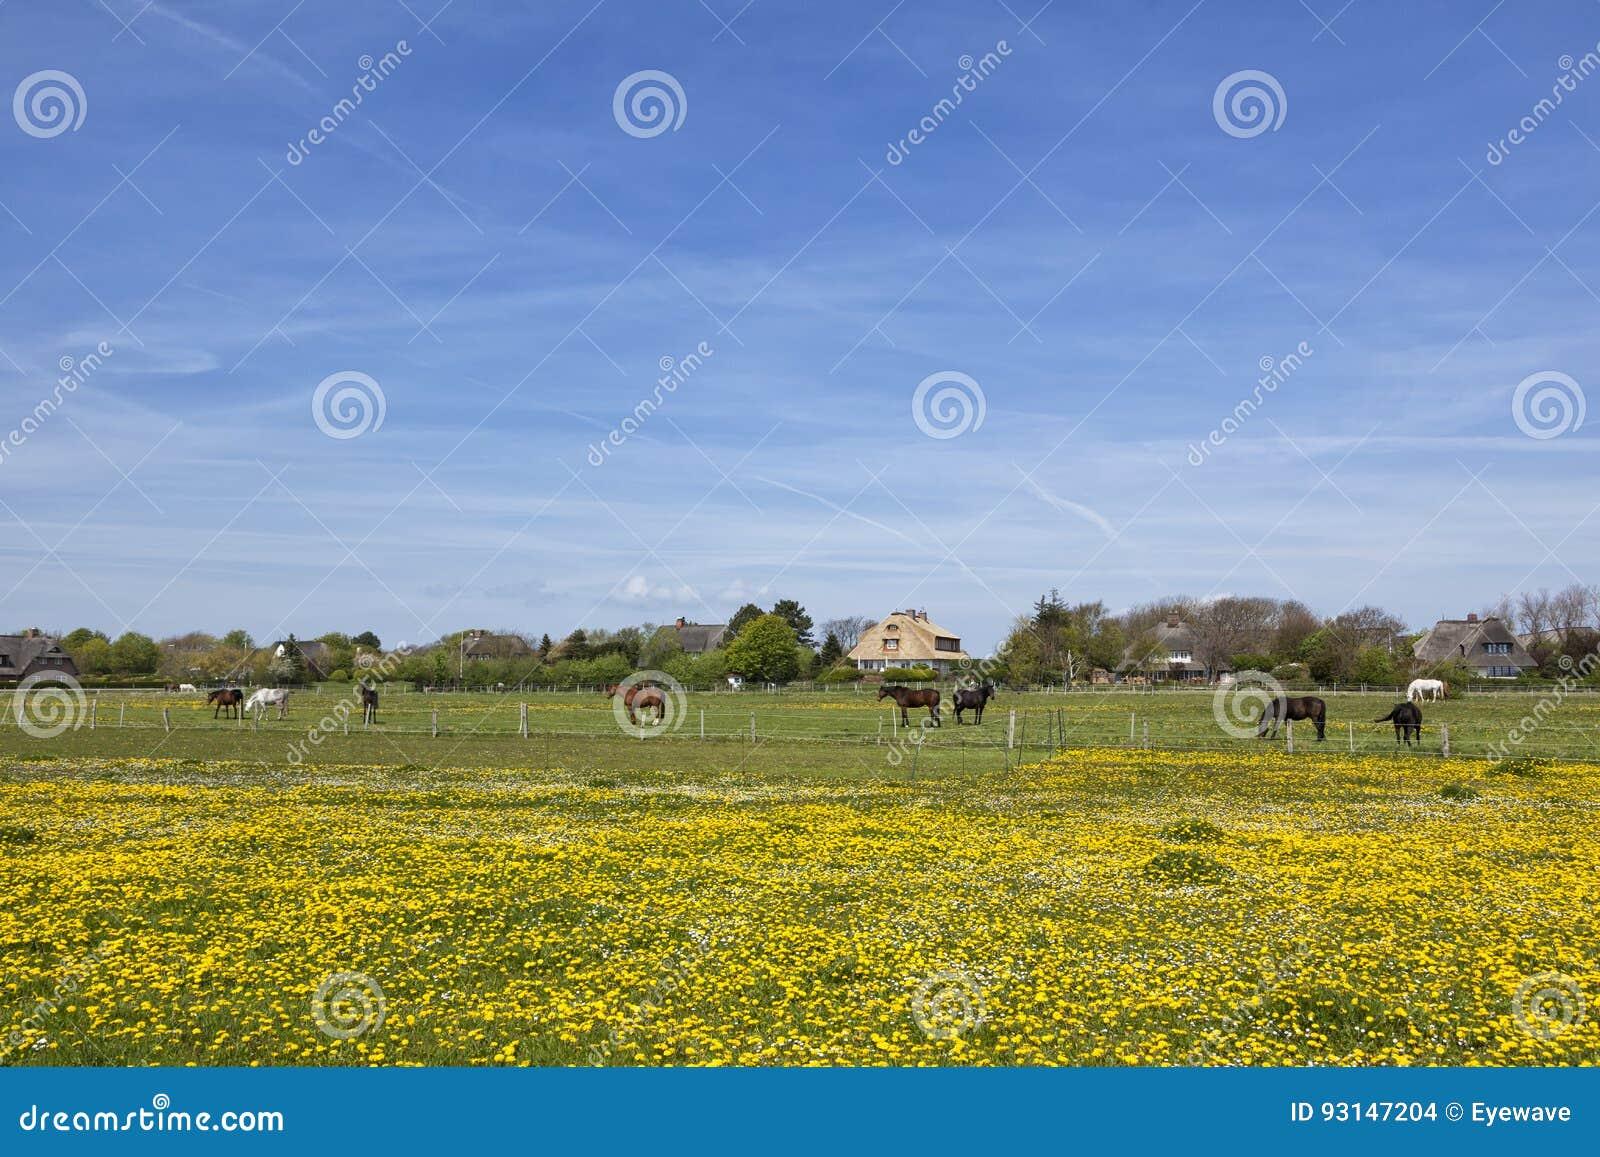 Paarden op weide buiten het dorp van Keitum, Sylt